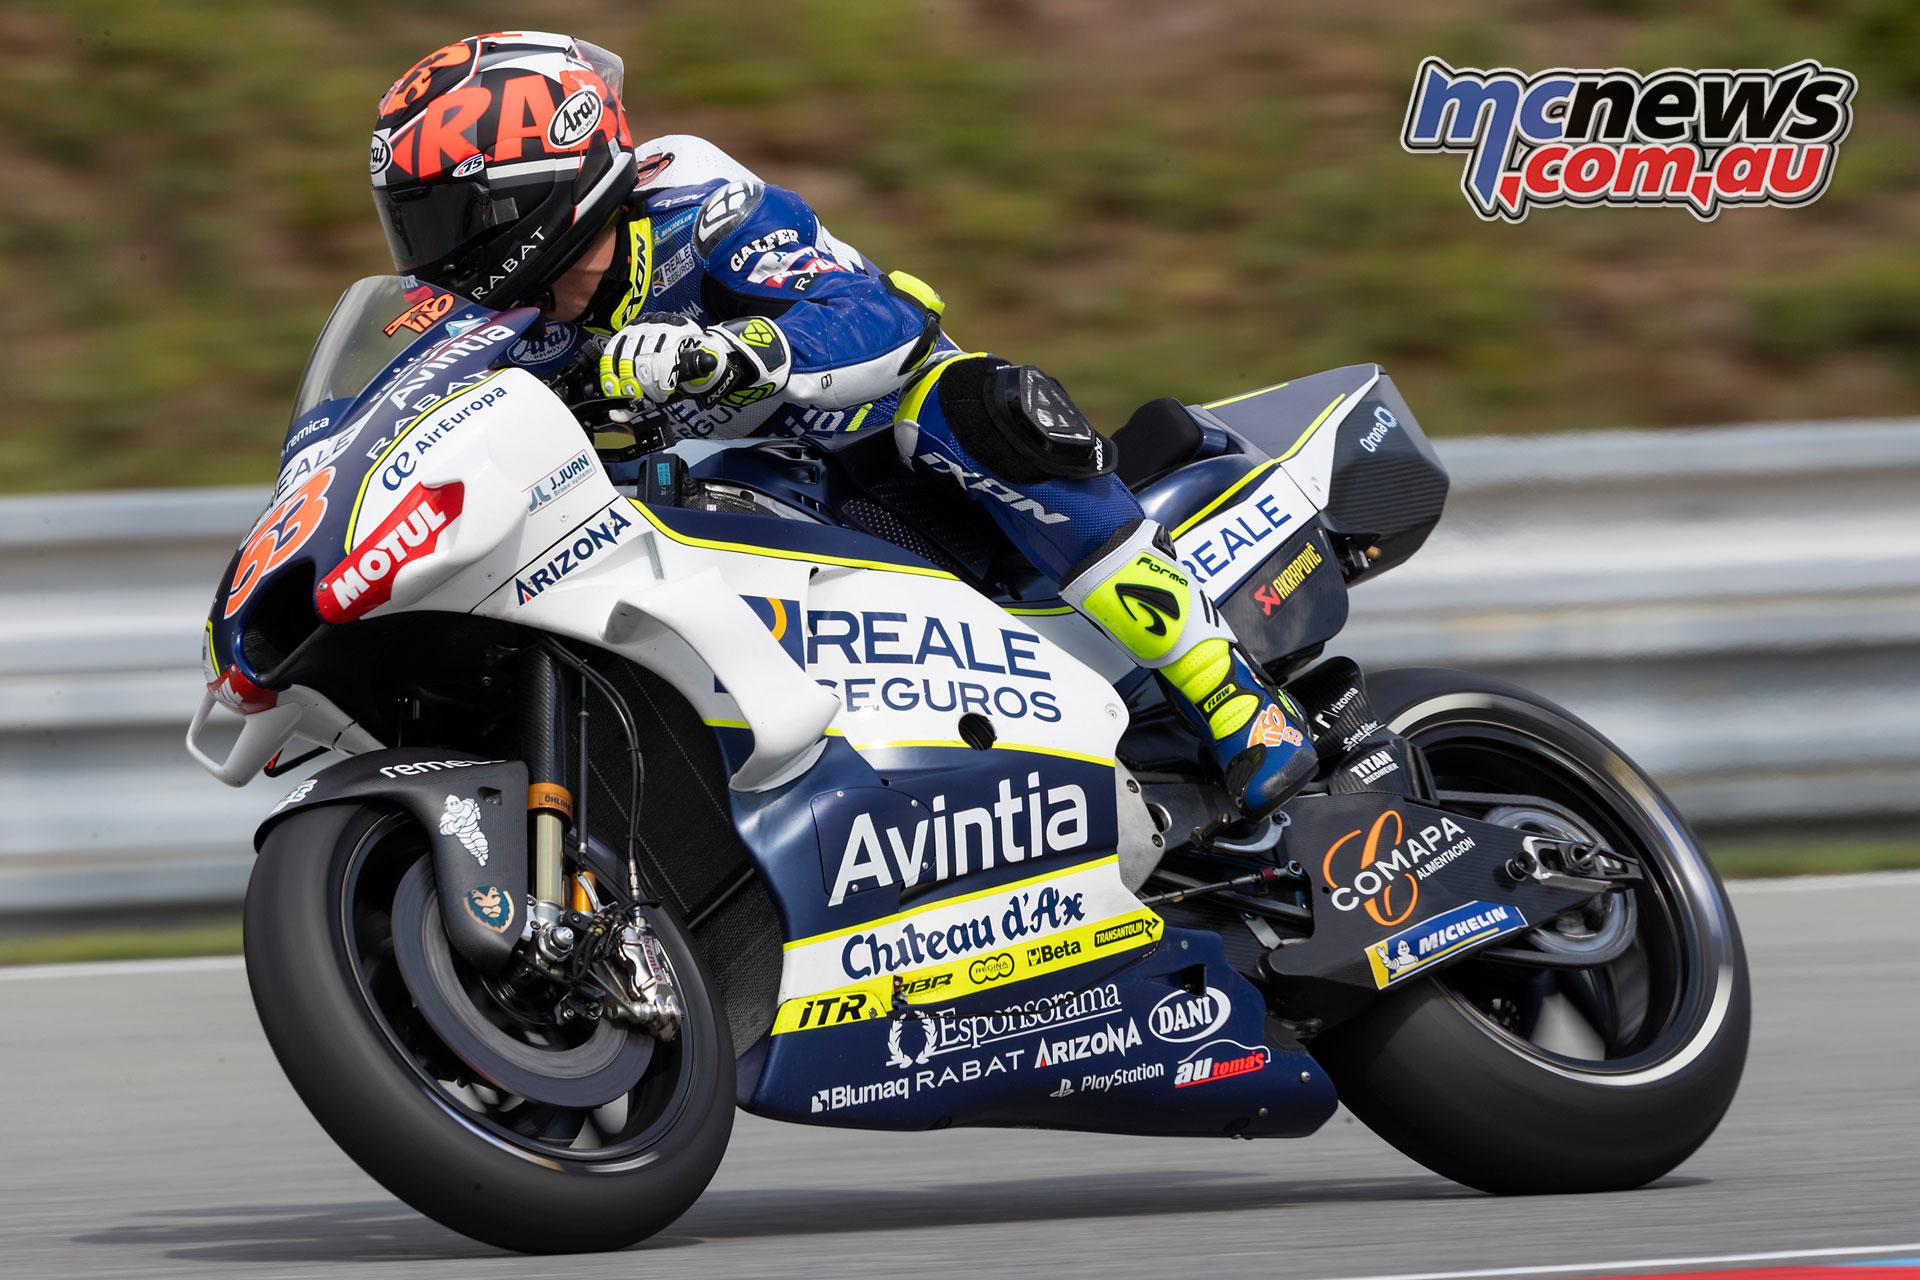 MotoGP Rnd Brno Tito Rabat